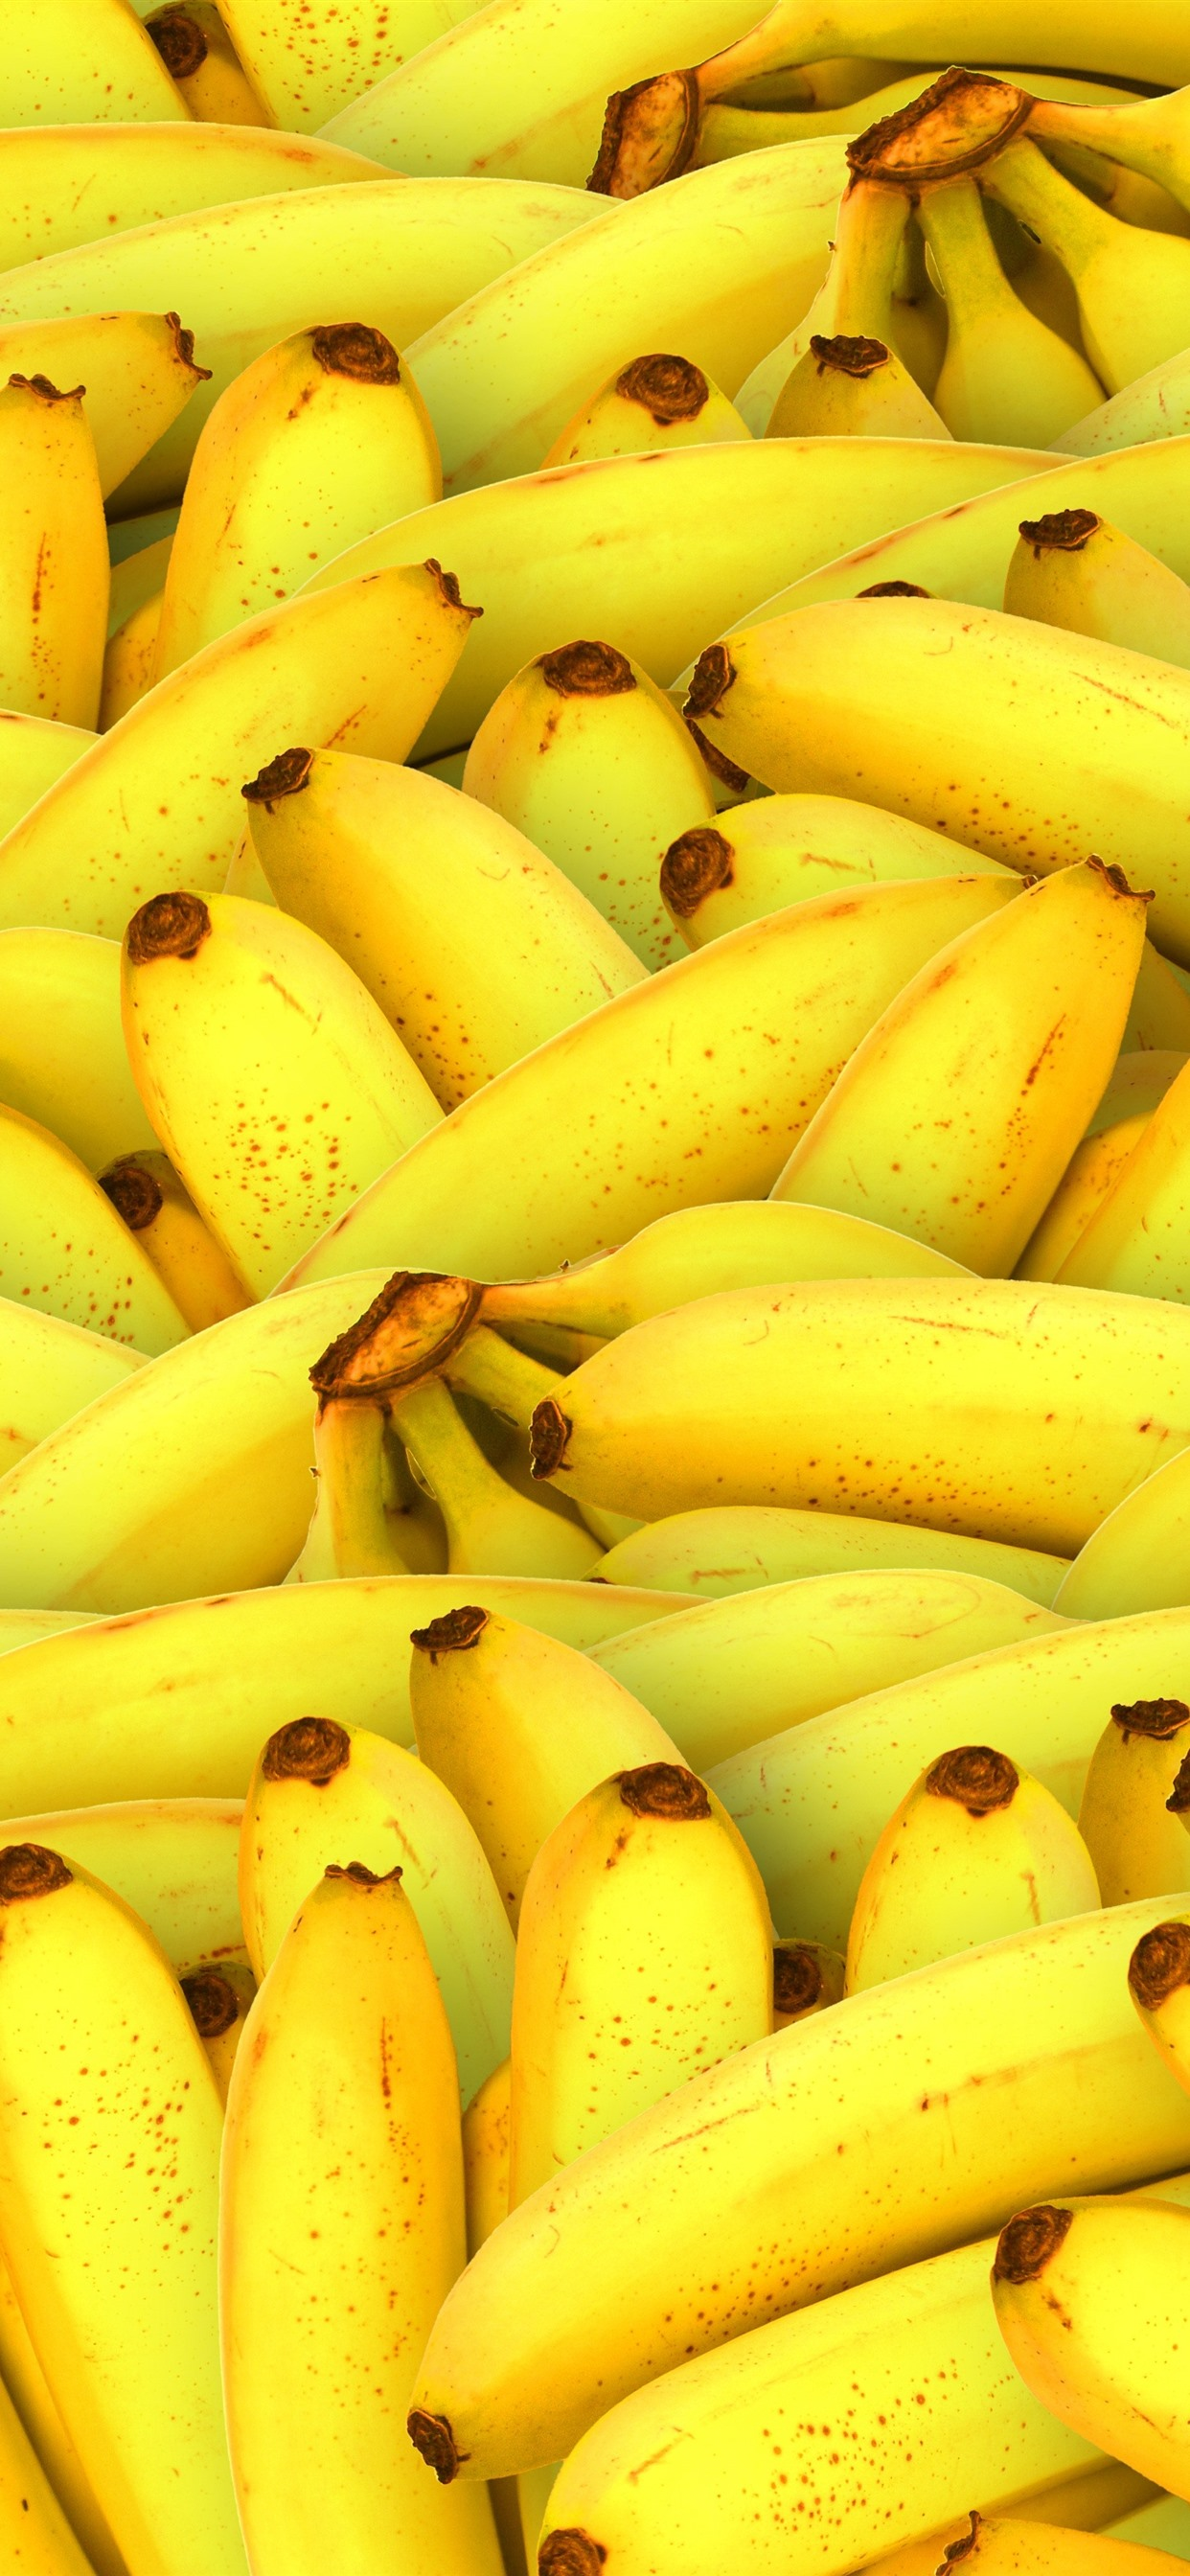 多くのバナナ 果物 1242x2688 Iphone 11 Pro Xs Max 壁紙 背景 画像